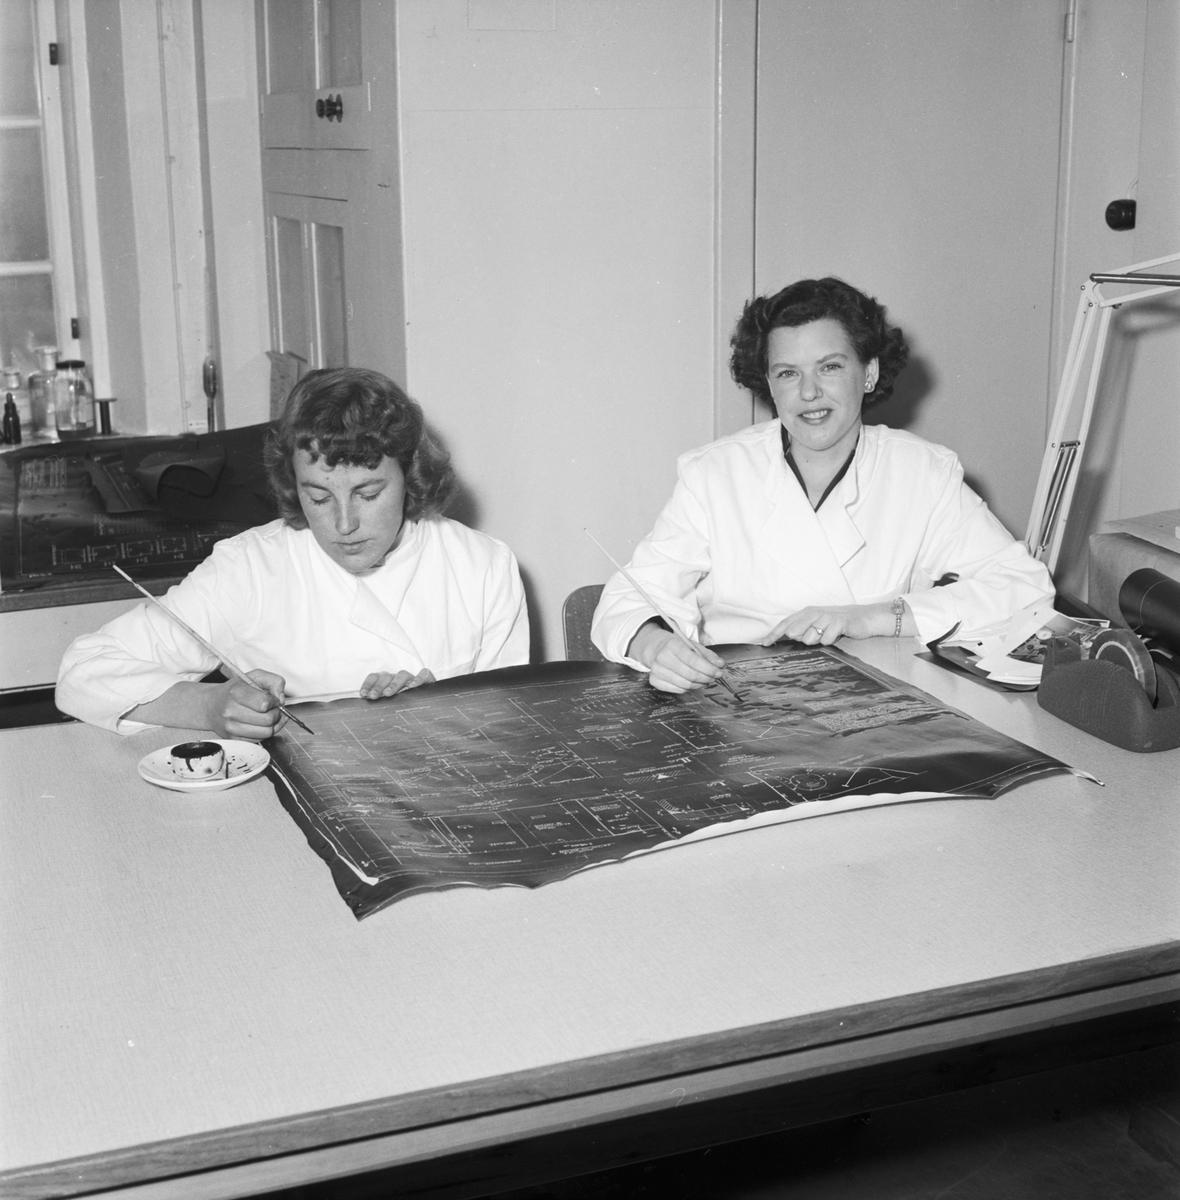 Övrigt: Foto datum: 6/3 1956 Byggnader och kranar Lab interiör och personal